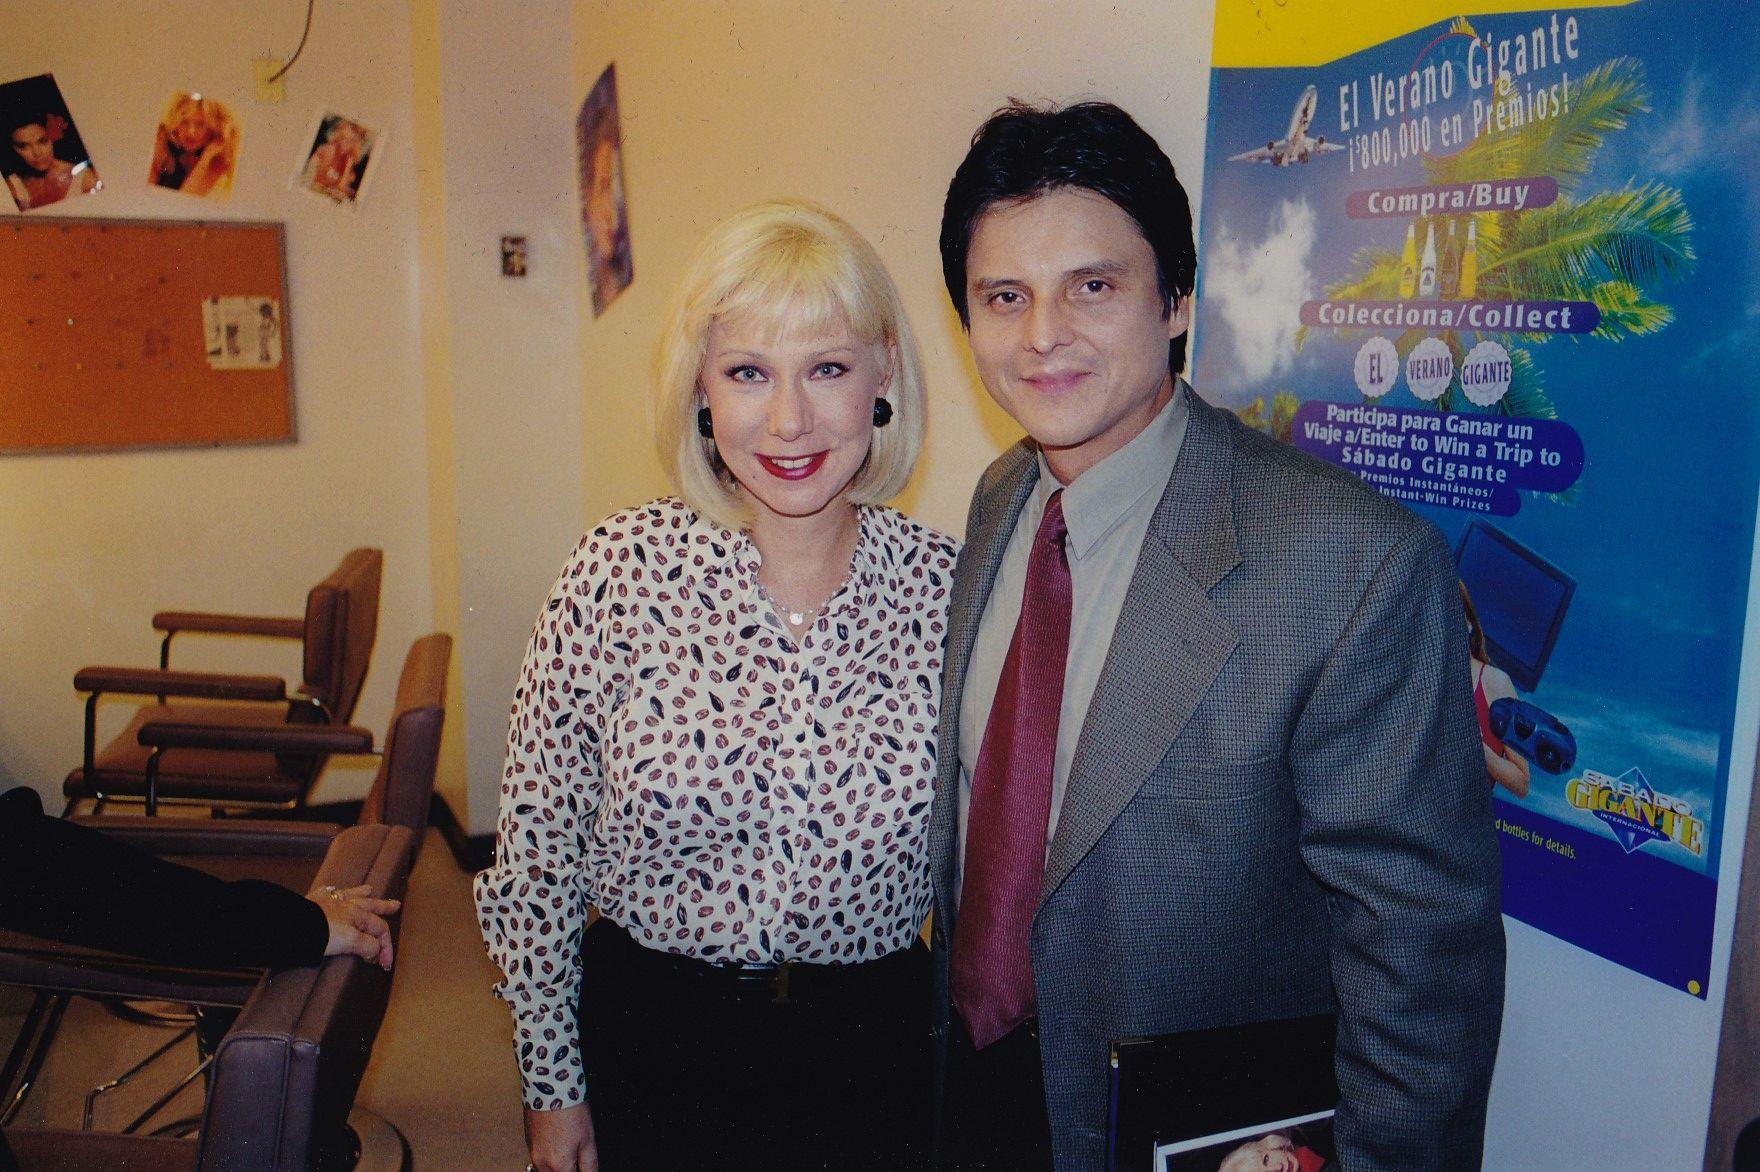 Arturo Salcedo & Cristina